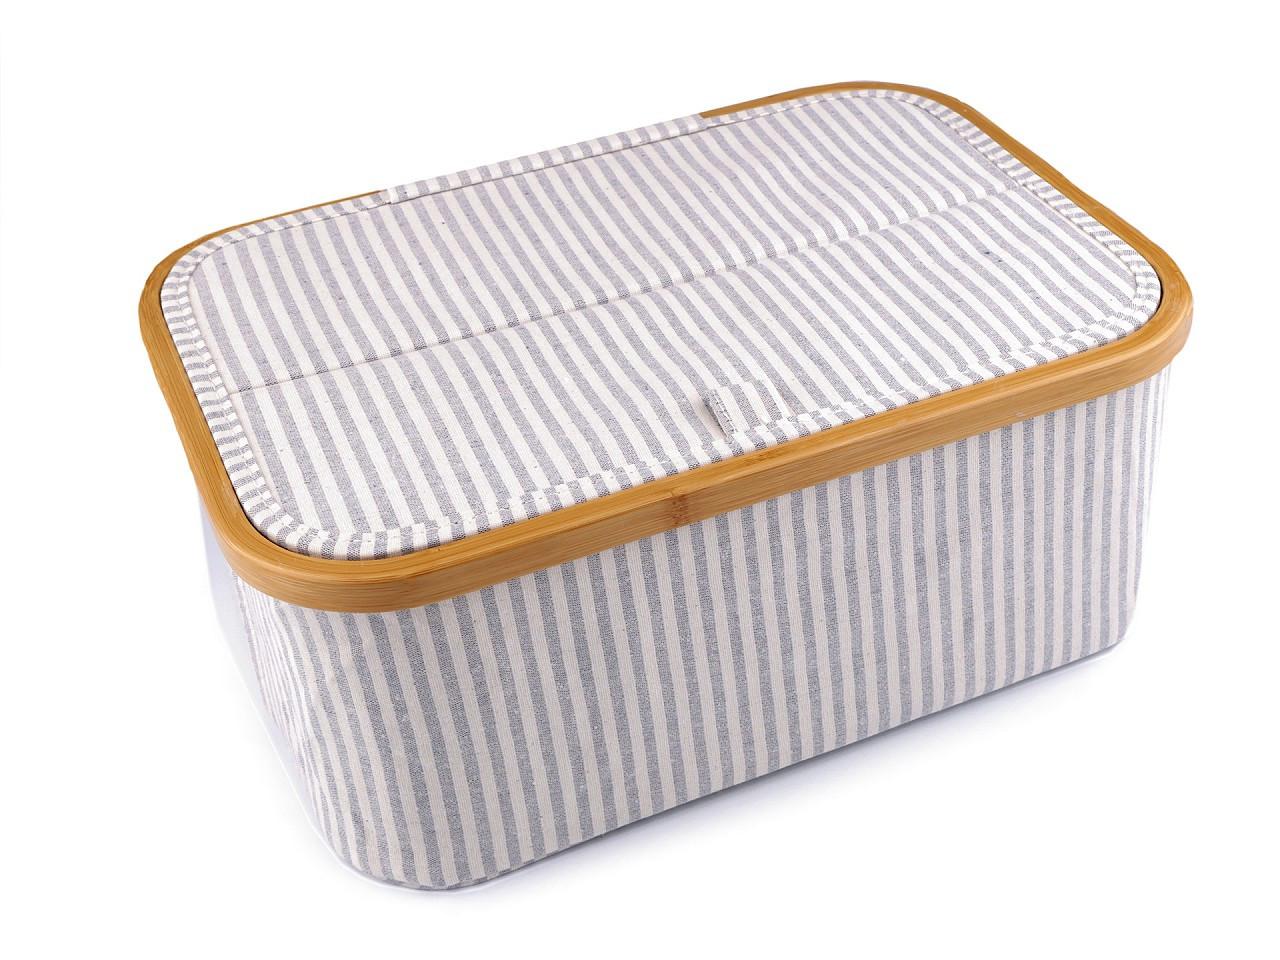 Skládací box na šicí potřeby a pletení, barva 2 modrá sv. proužky